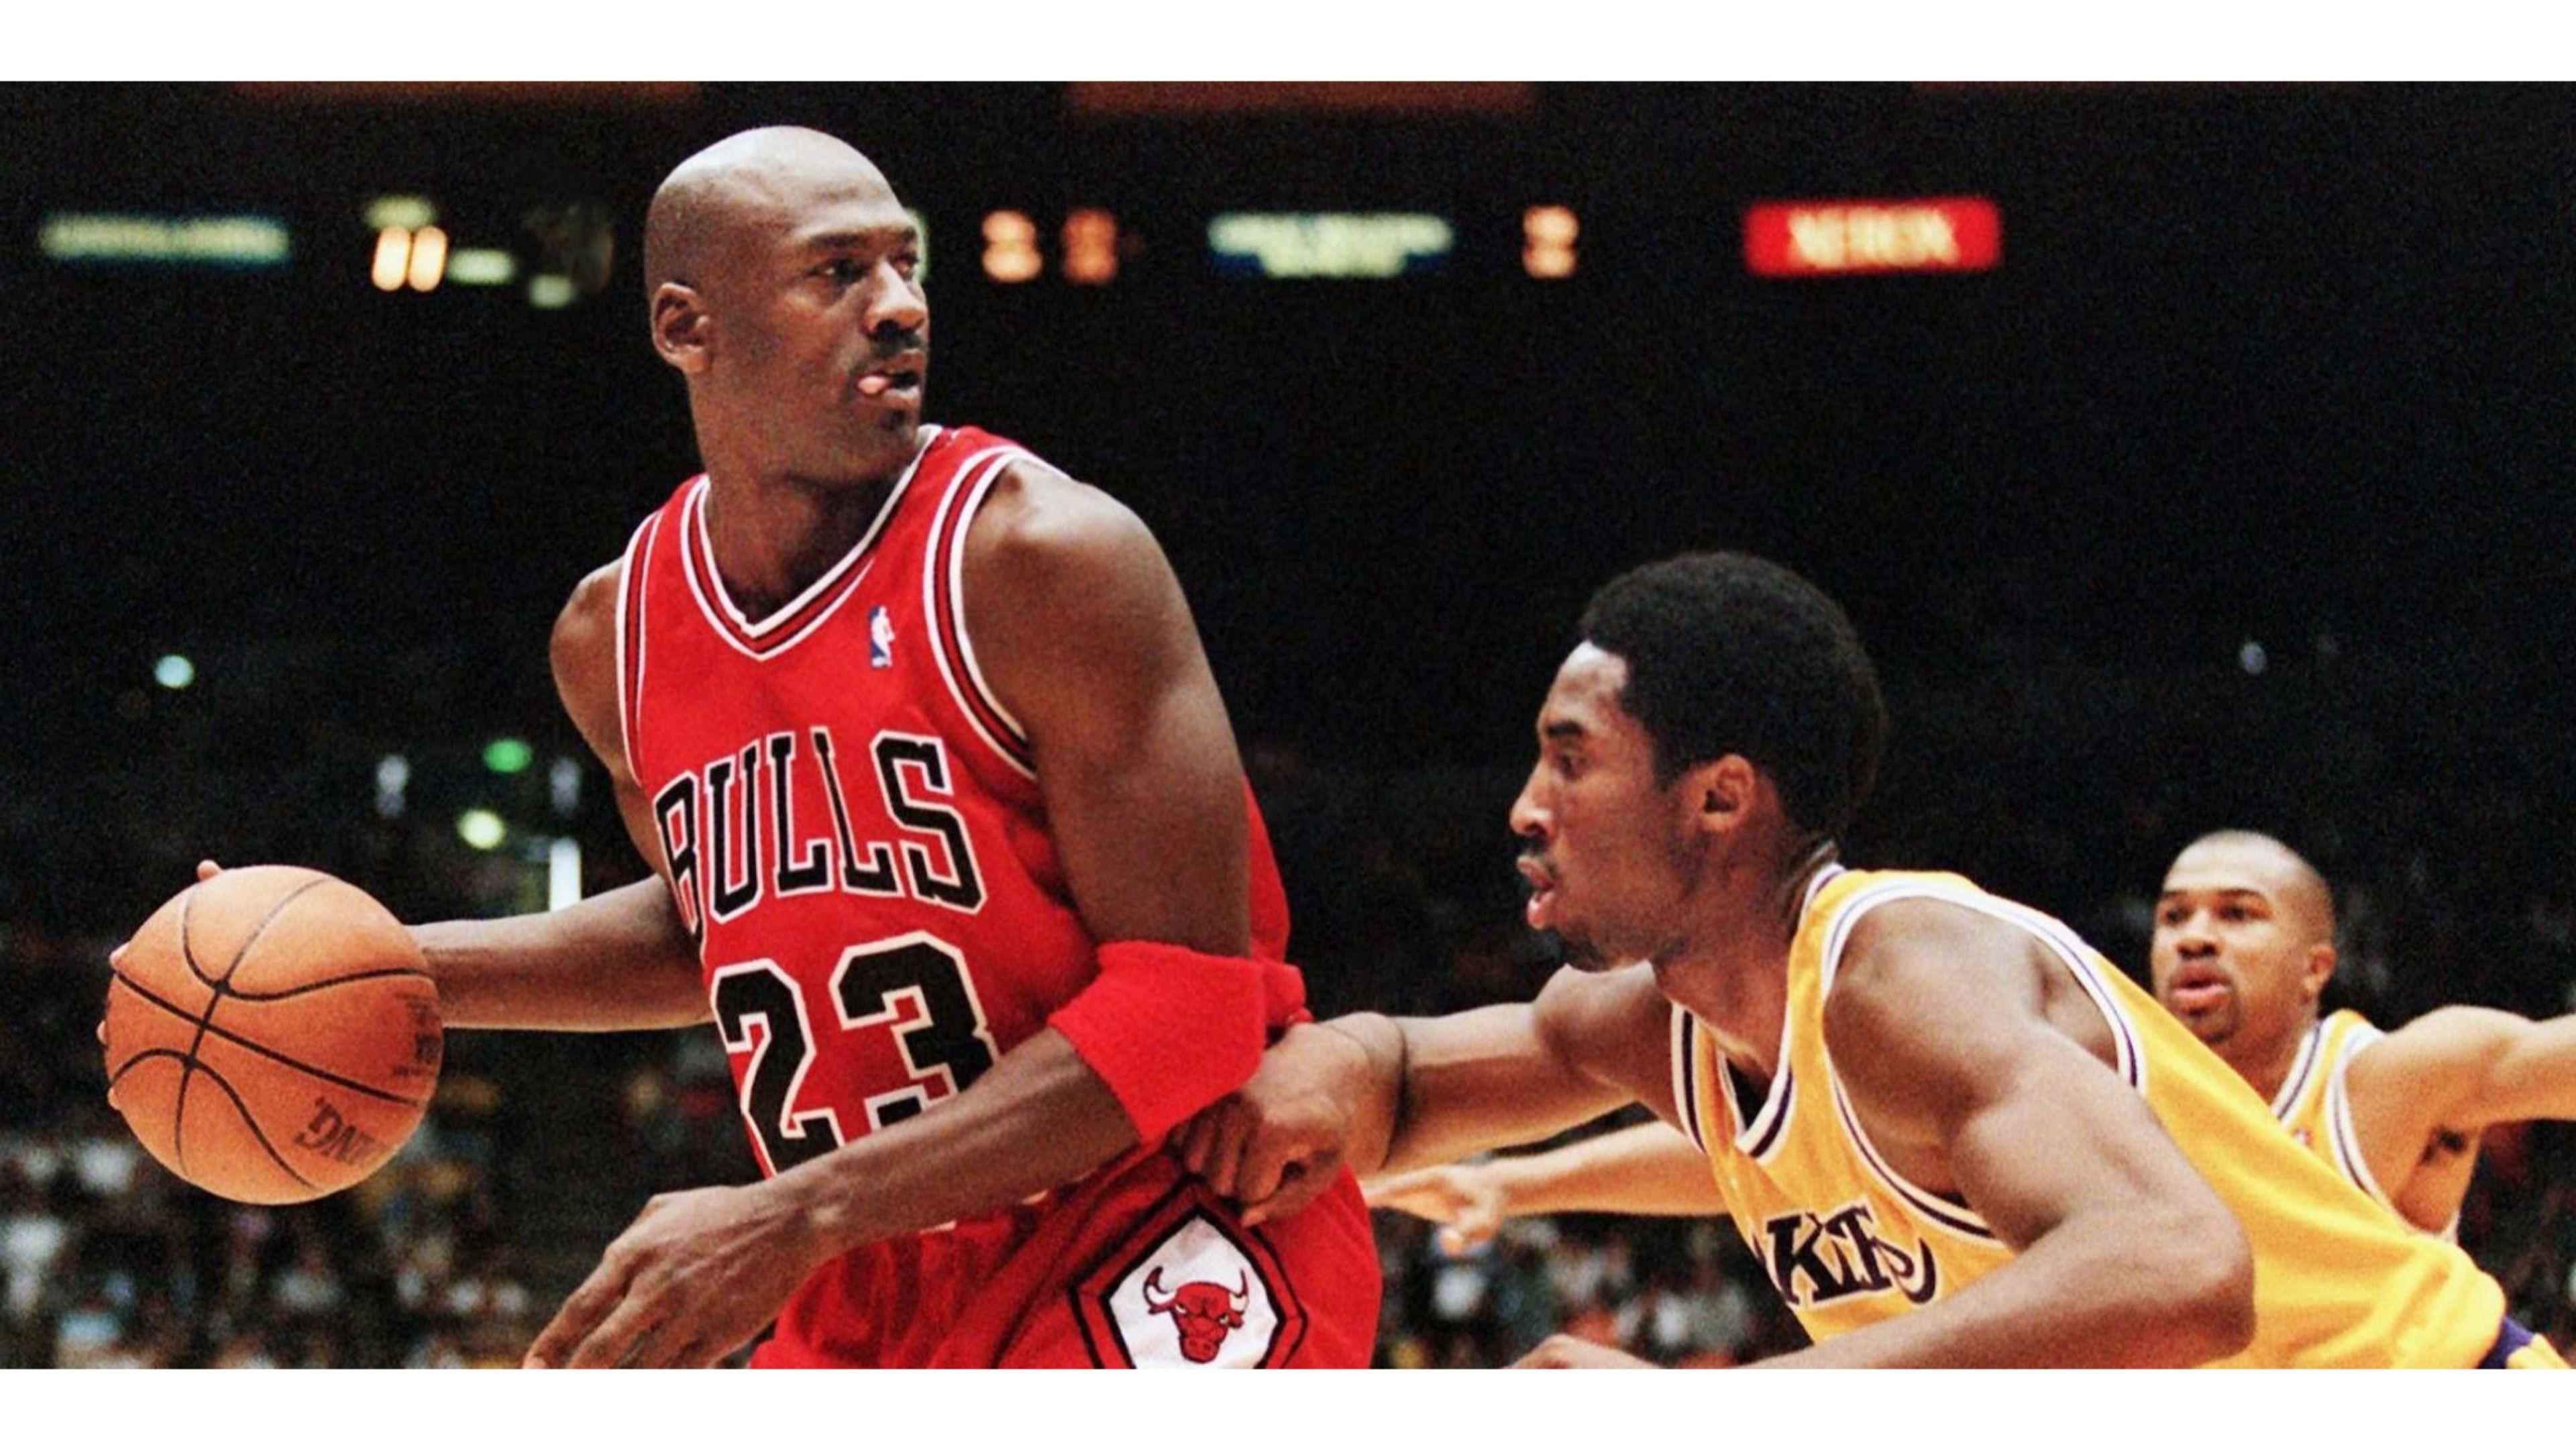 Kobe Vs Jordan Wallpaper HD